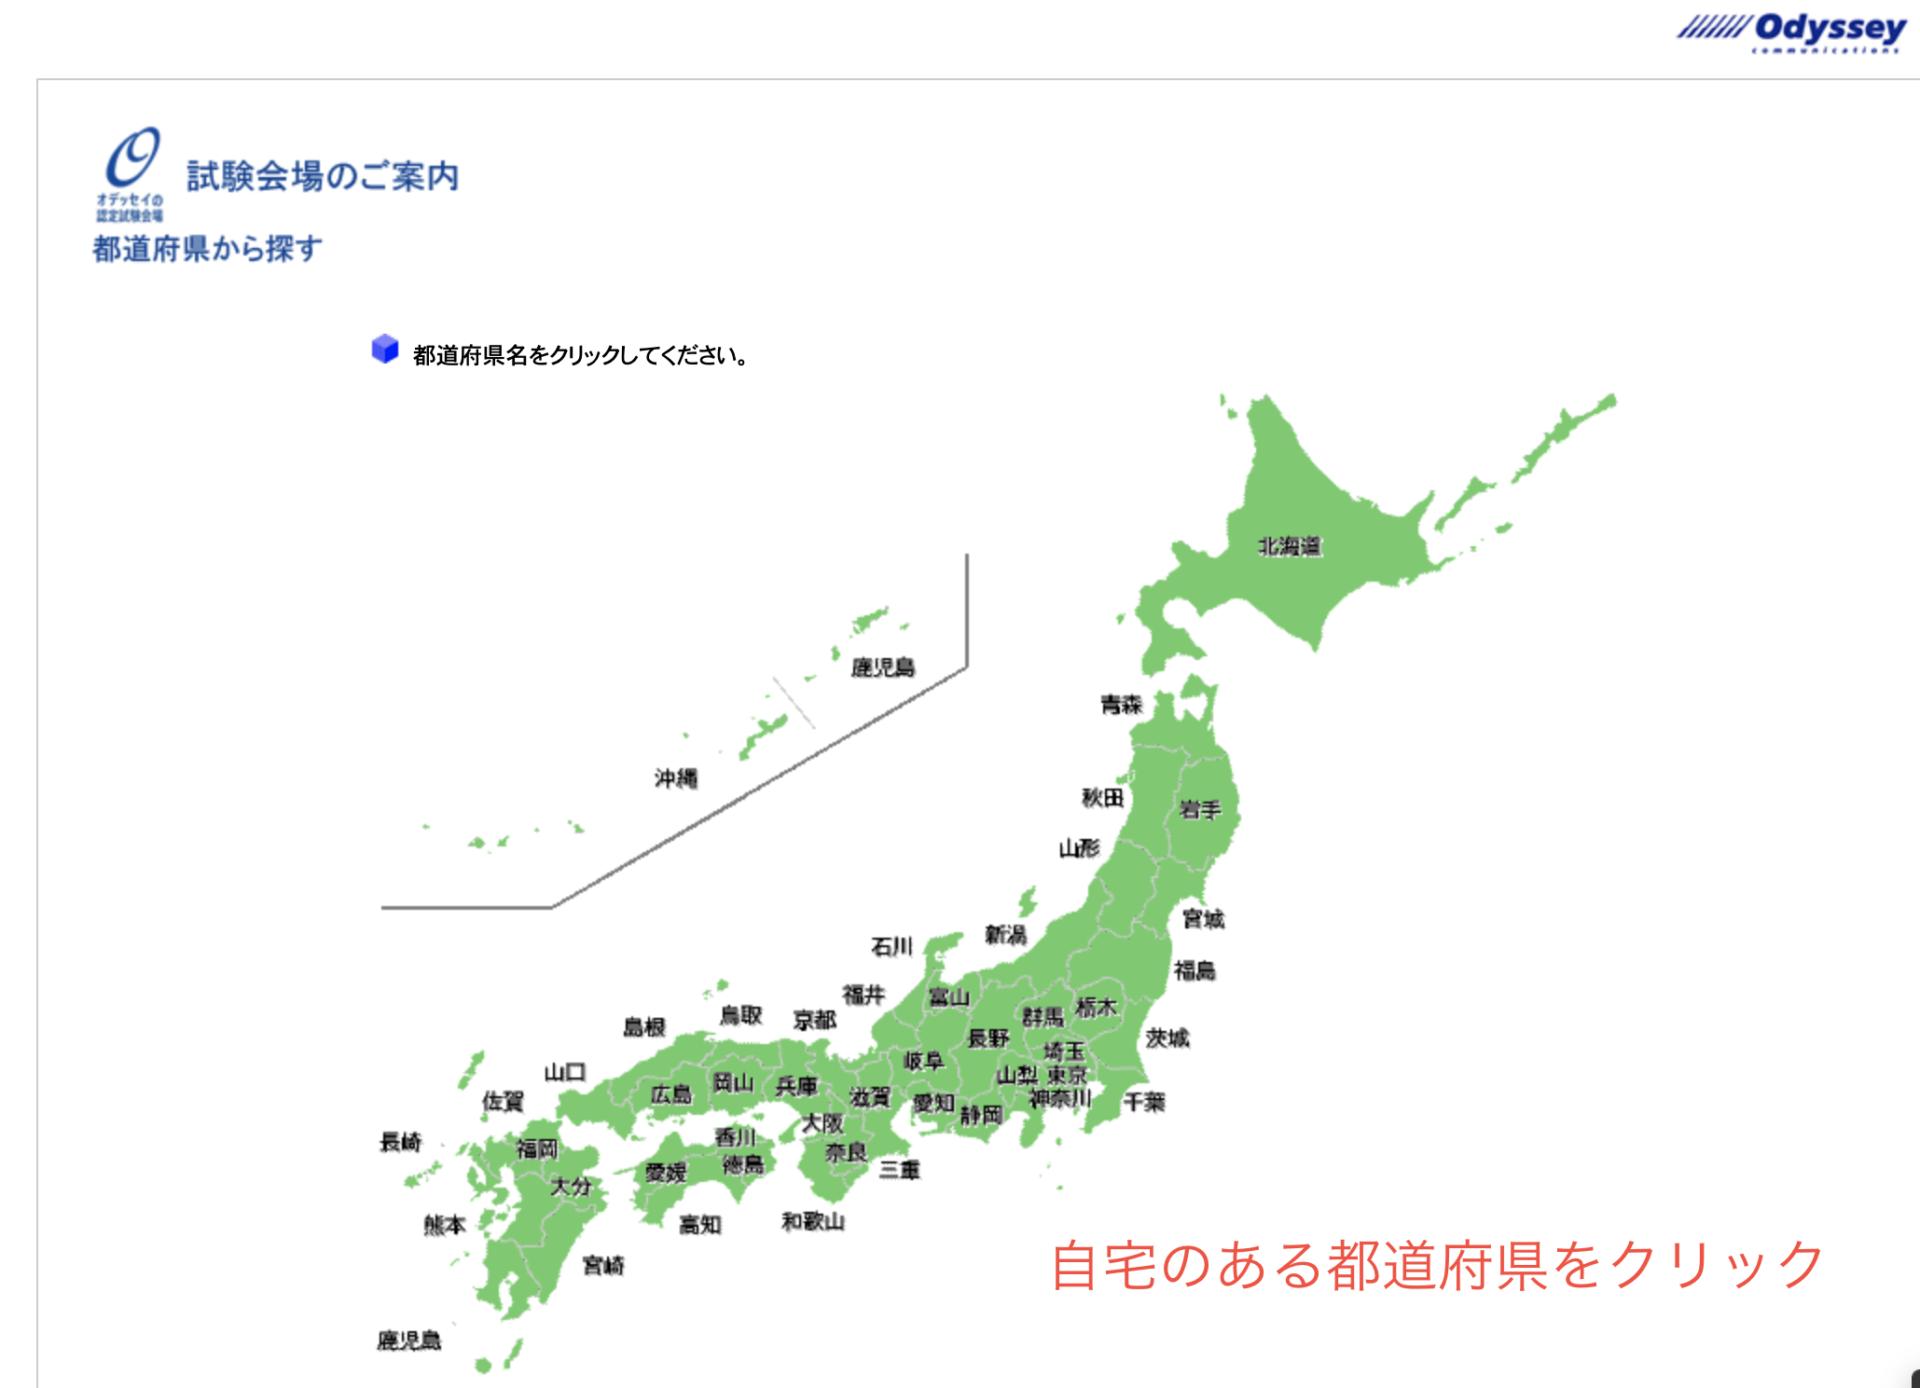 自宅のある都道府県をクリック